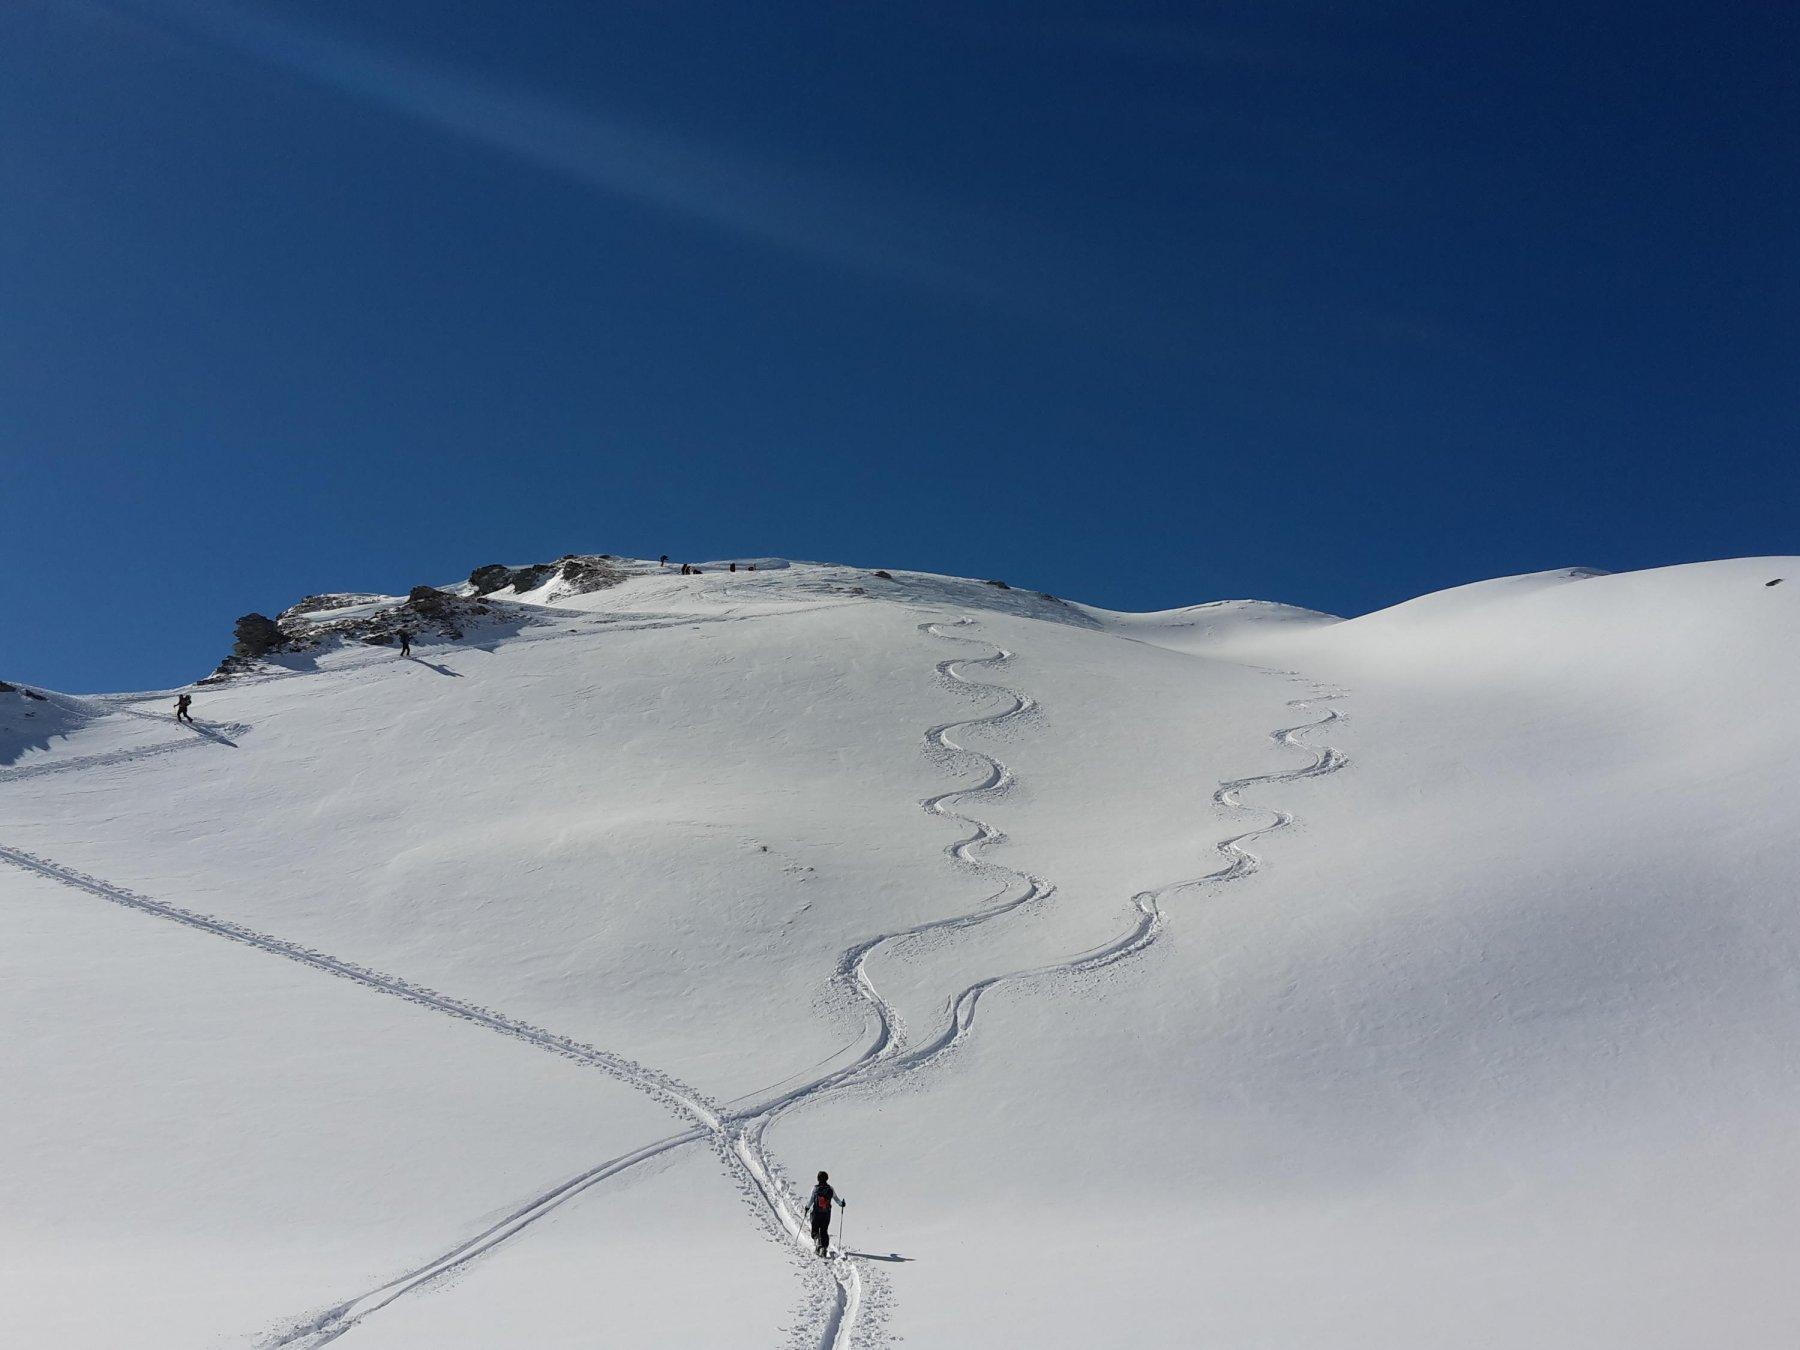 Punta a sinistra del colle, qui neve ottima